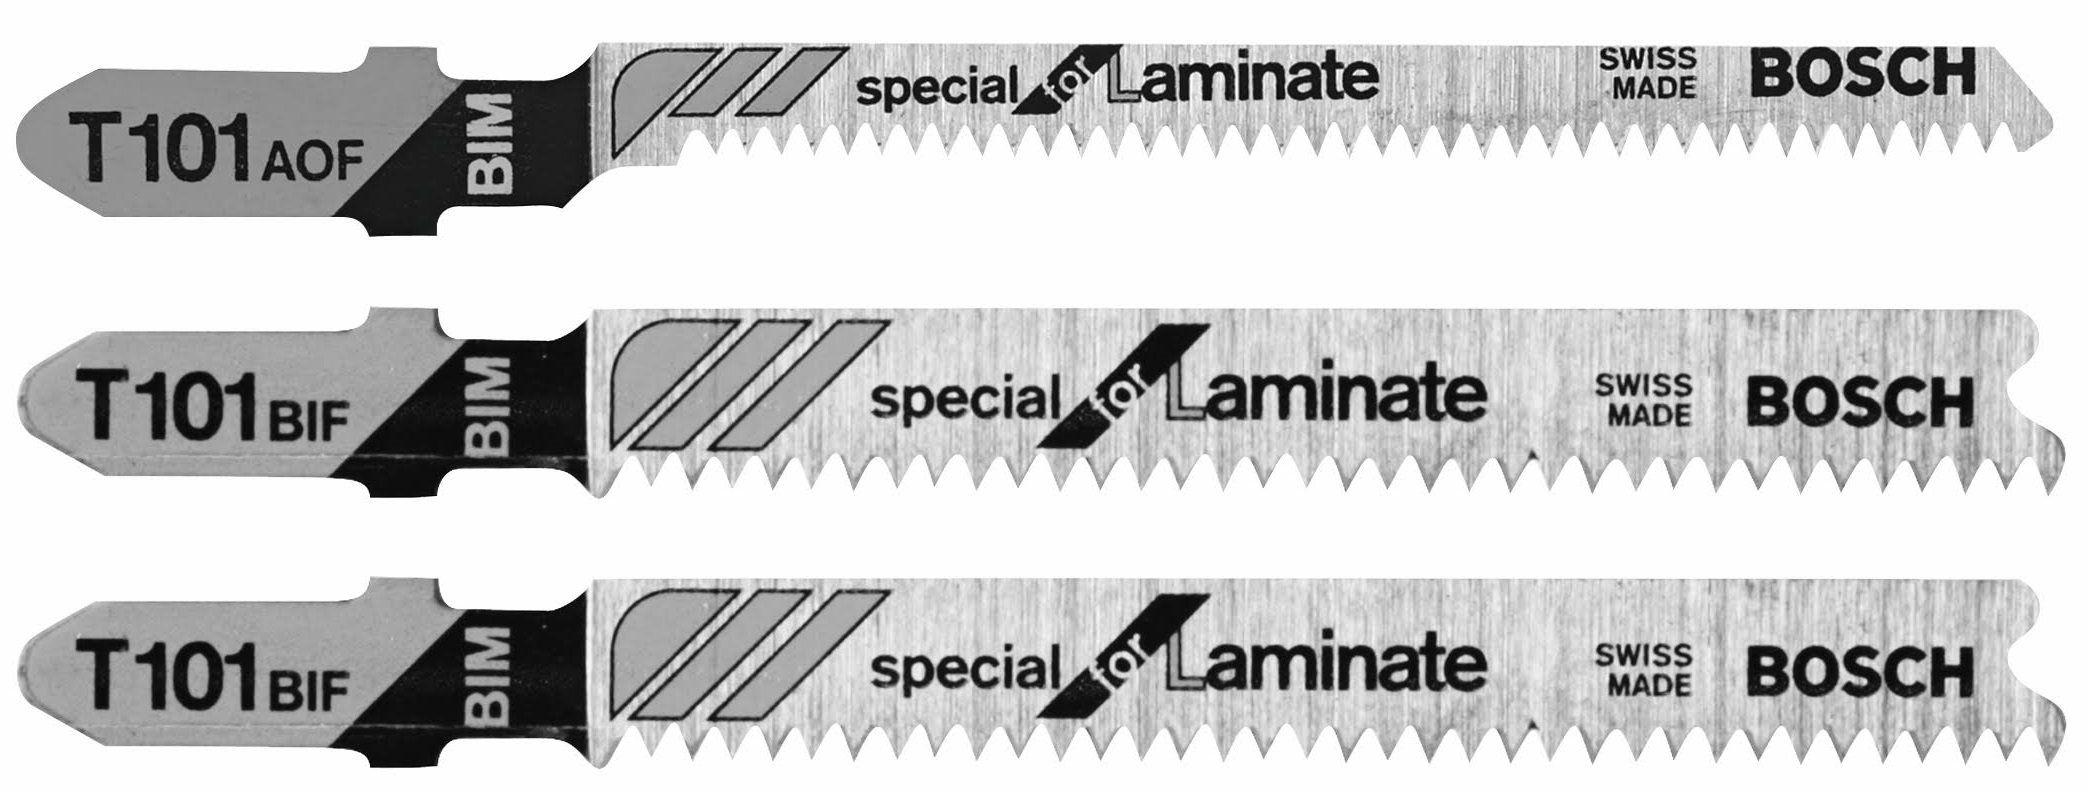 Bosch T503 Hardwood Laminate Flooring T Shank Jig Saw Blade Set 3 Pack Jig Saw Blades Laminate Flooring Flooring